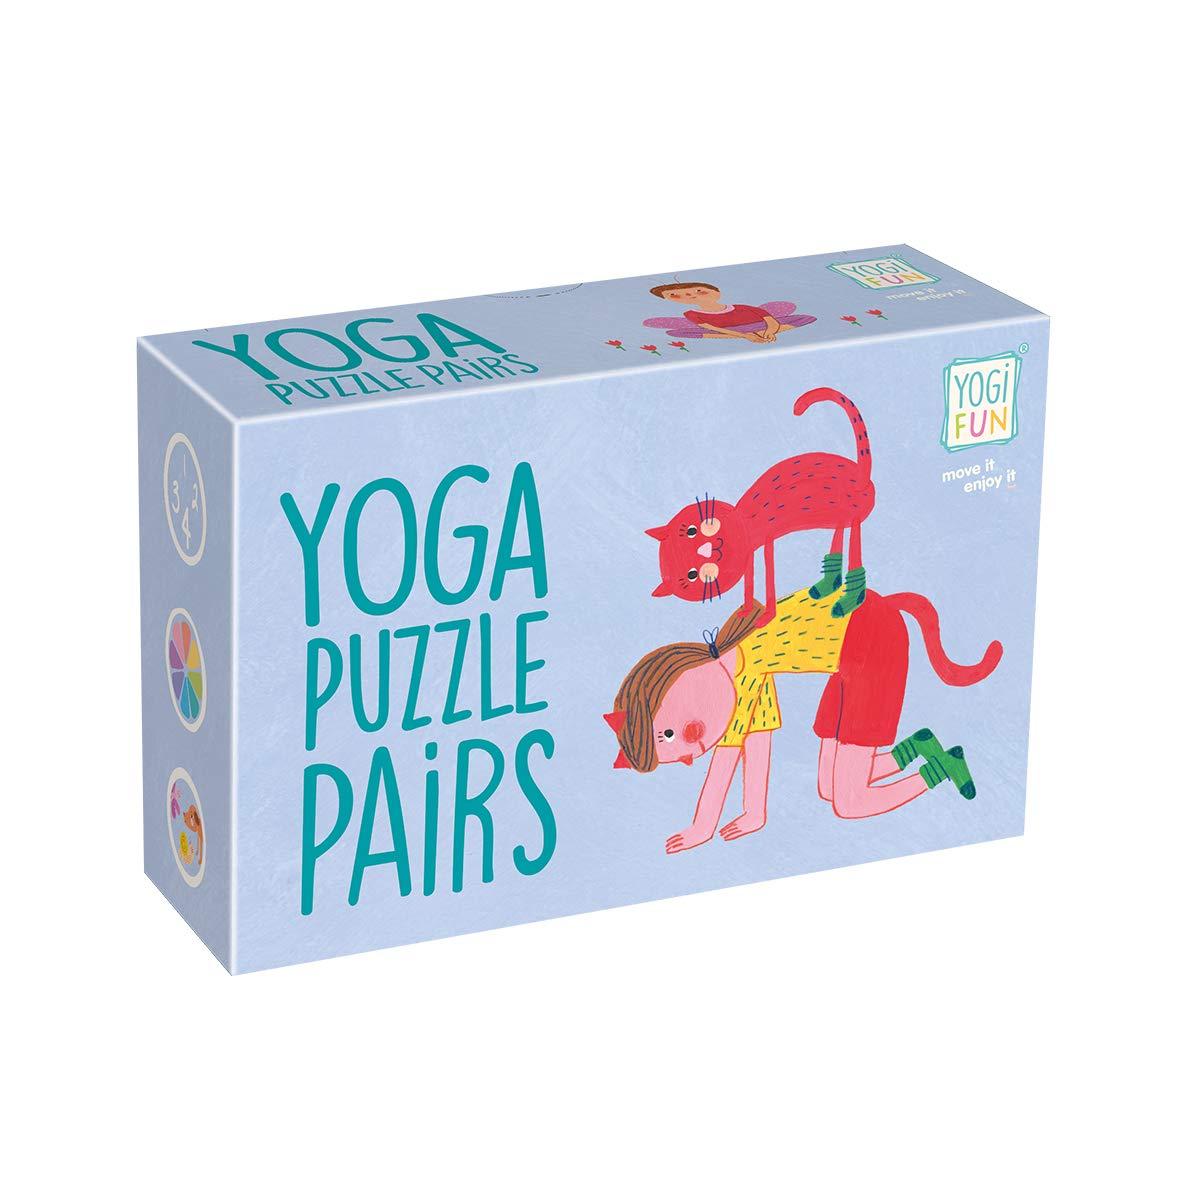 Juego Yoga para ni/ños LUDILO Puzzle ninos Cartas YF-006 juguemos a Hacer Familia Color Azul